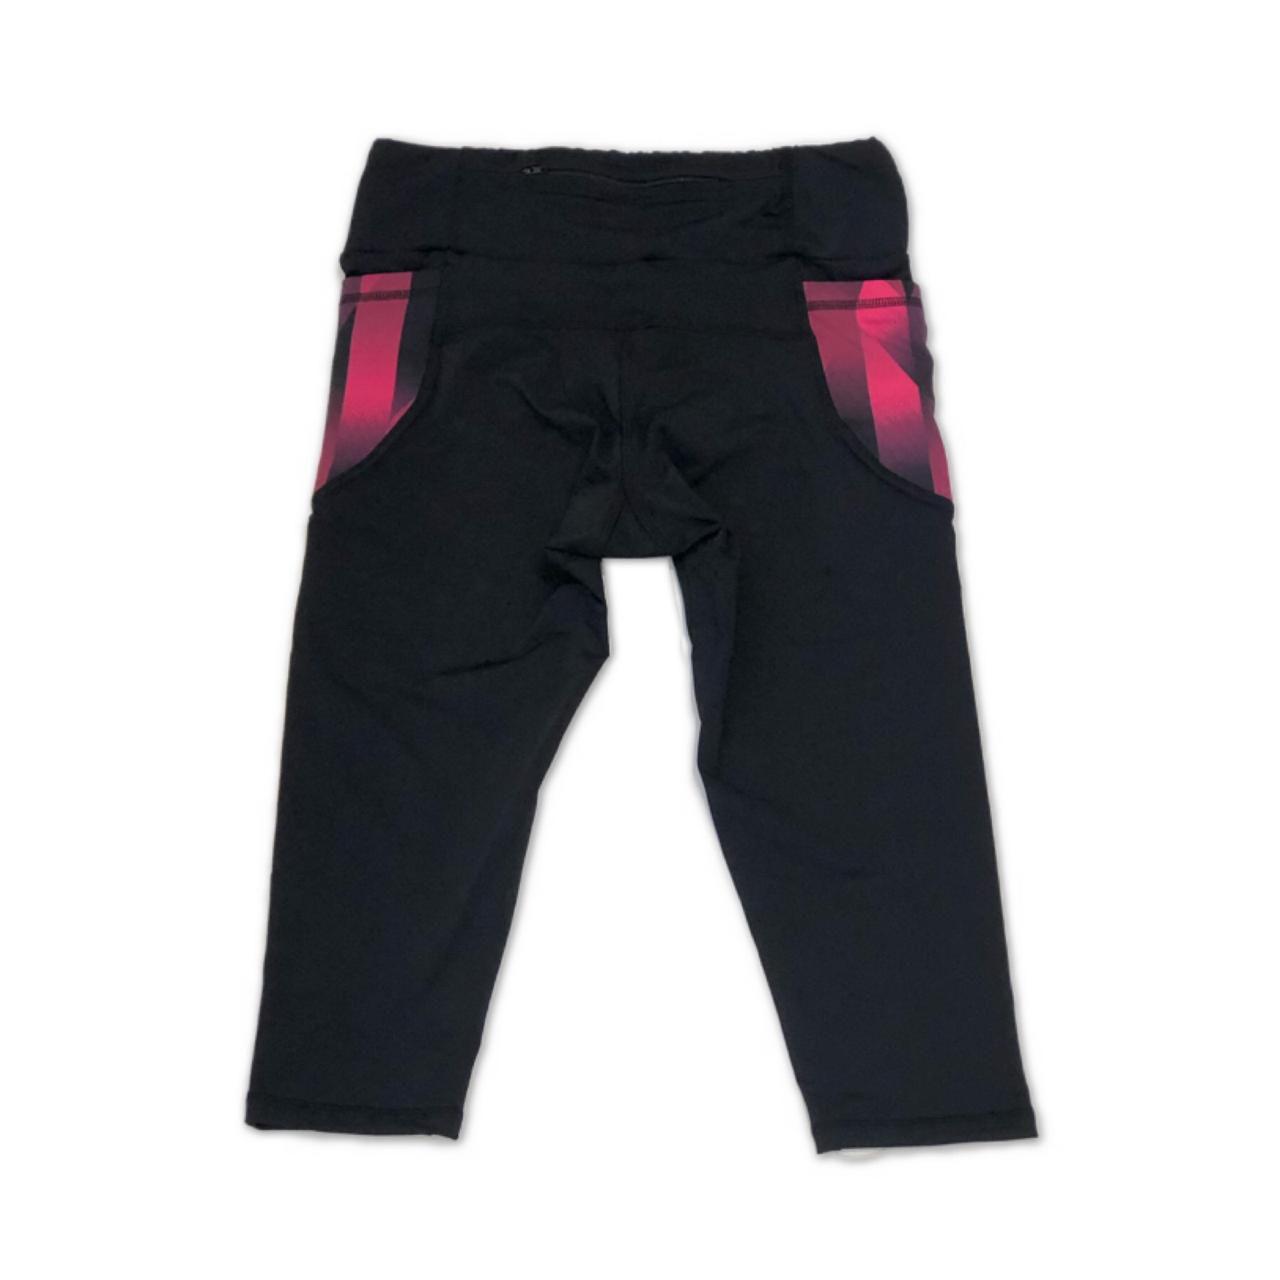 Legging capri em sportiva preto com bolsos laterais cherry e bolso ziper atrás  - Vivian Bógus